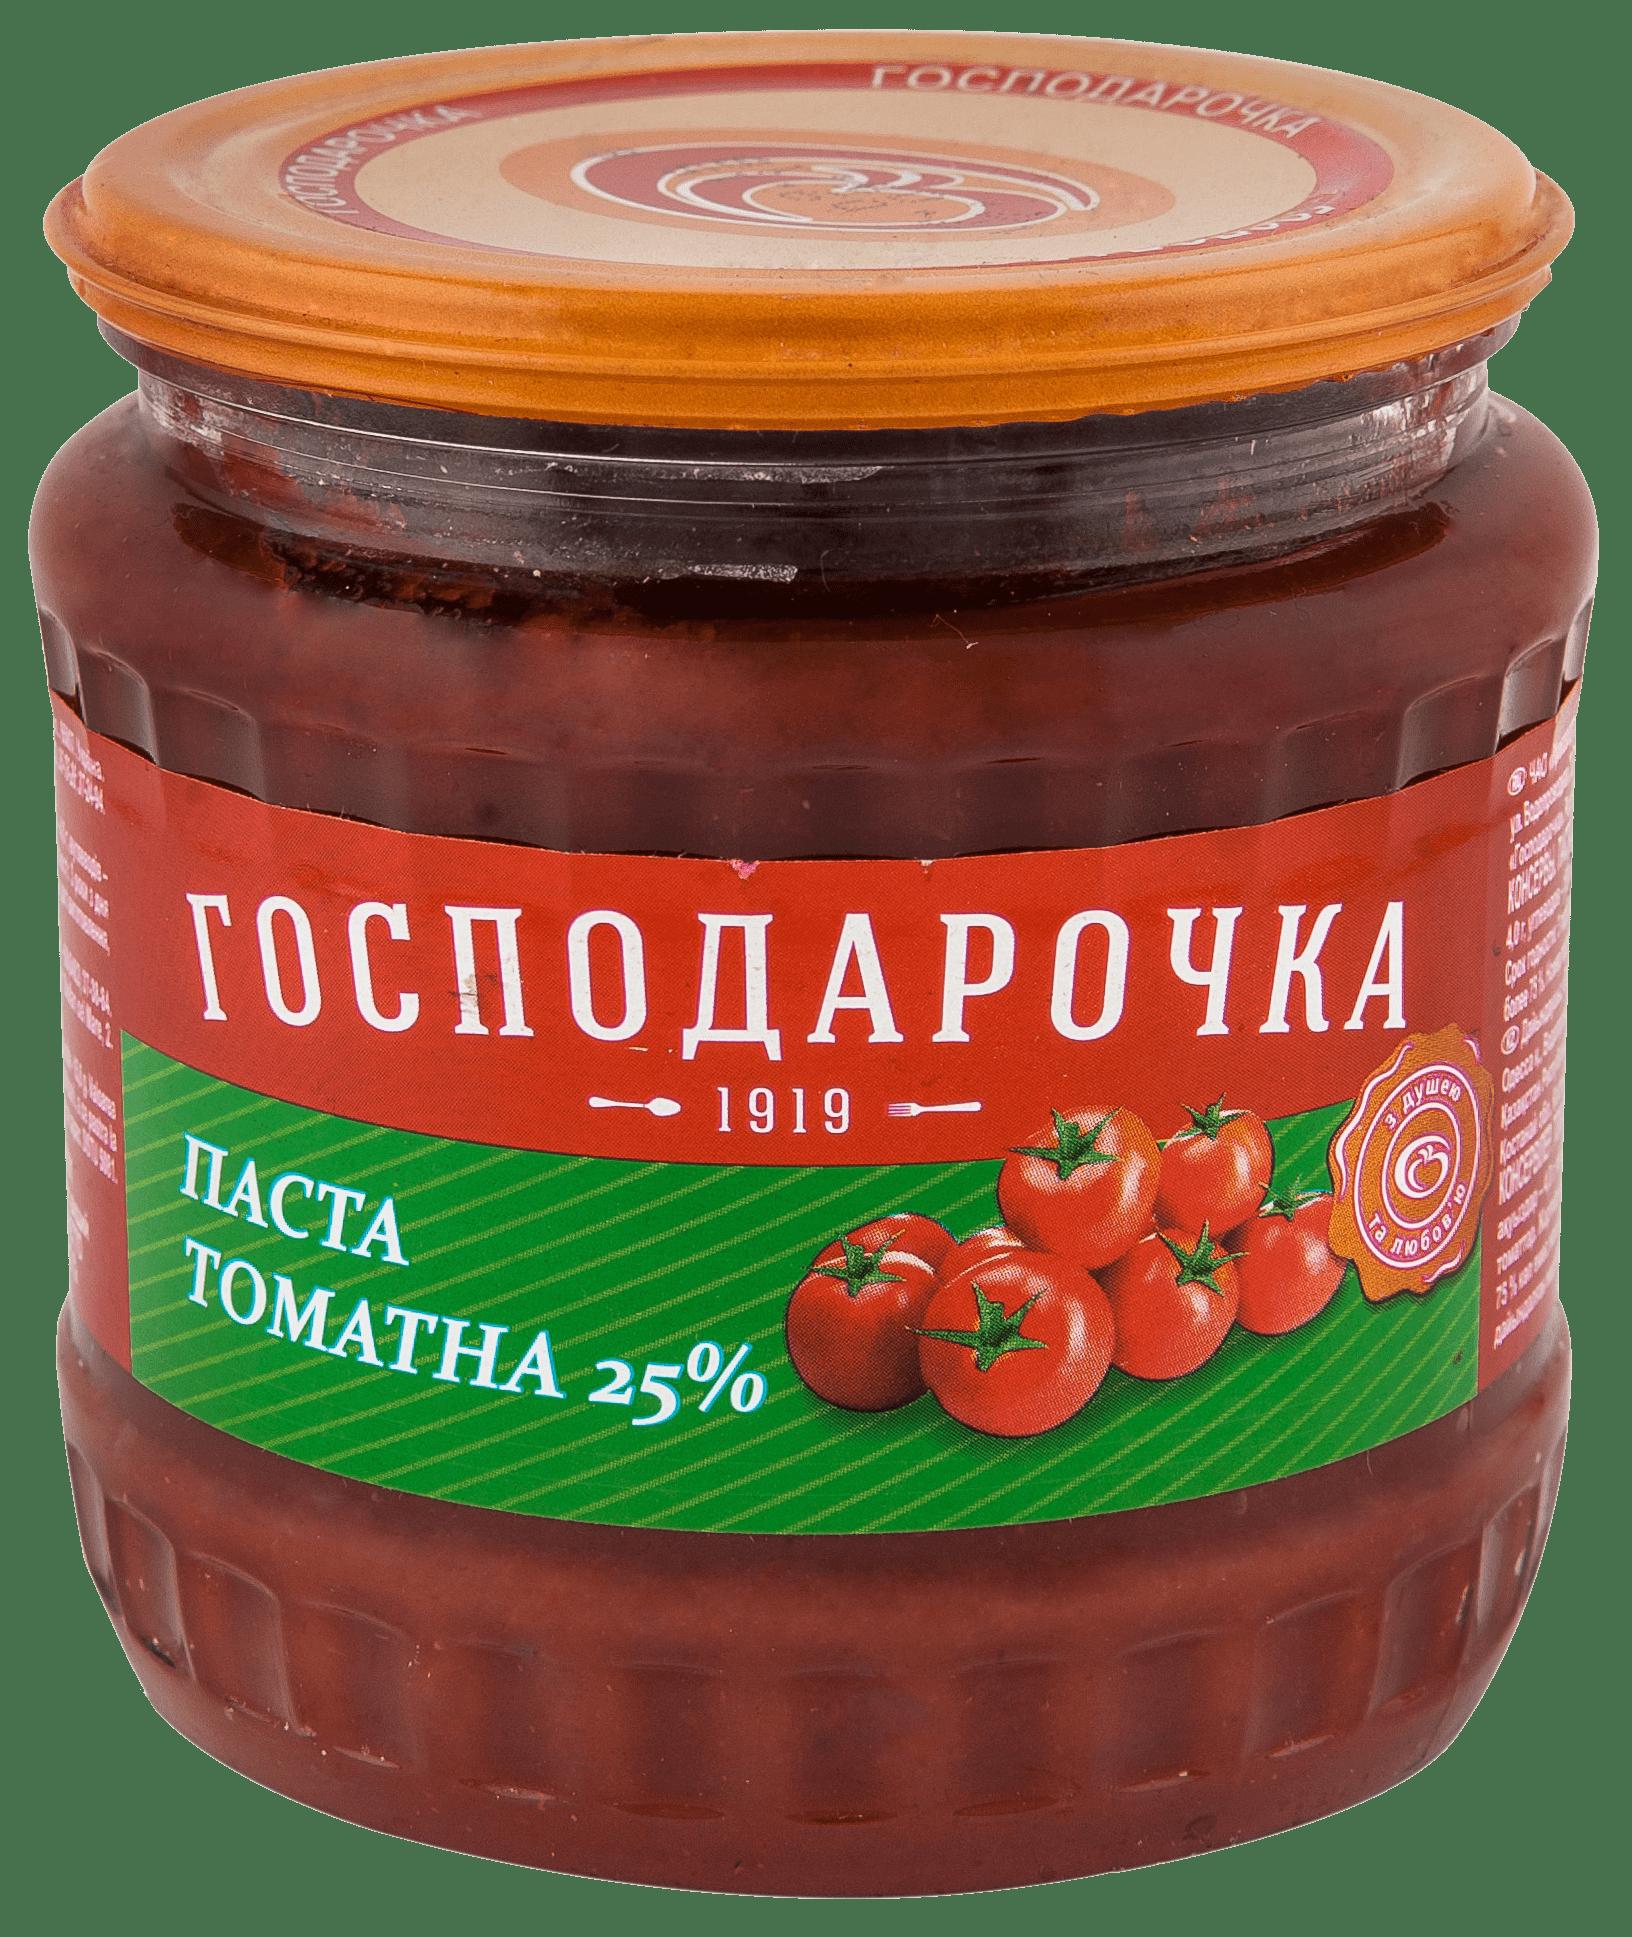 37-Pasta-tomatna-25--min